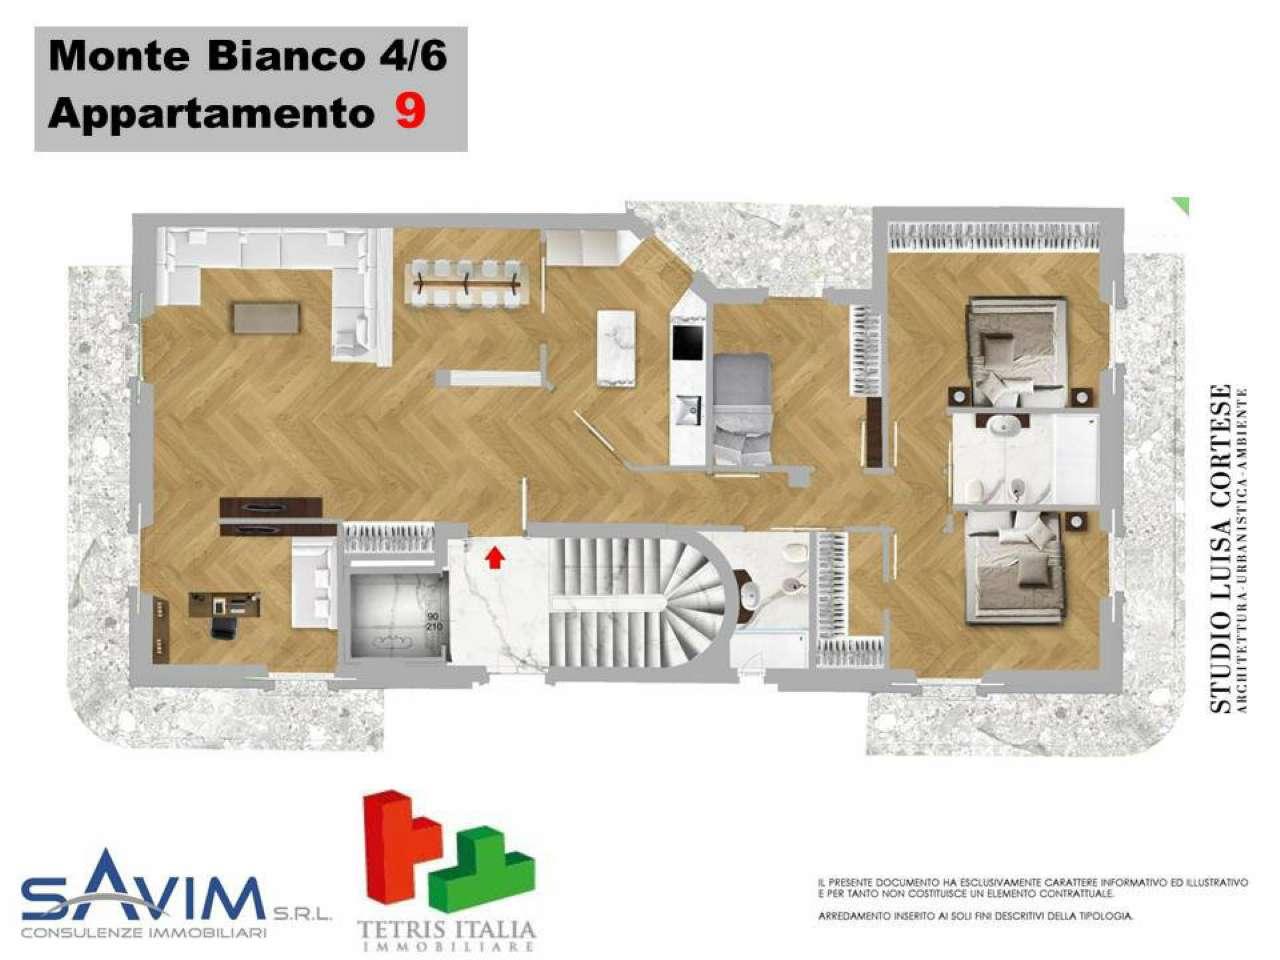 Appartamento in vendita a Milano, 4 locali, zona Zona: 15 . Fiera, Firenze, Sempione, Pagano, Amendola, Paolo Sarpi, Arena, prezzo € 1.100.000 | CambioCasa.it